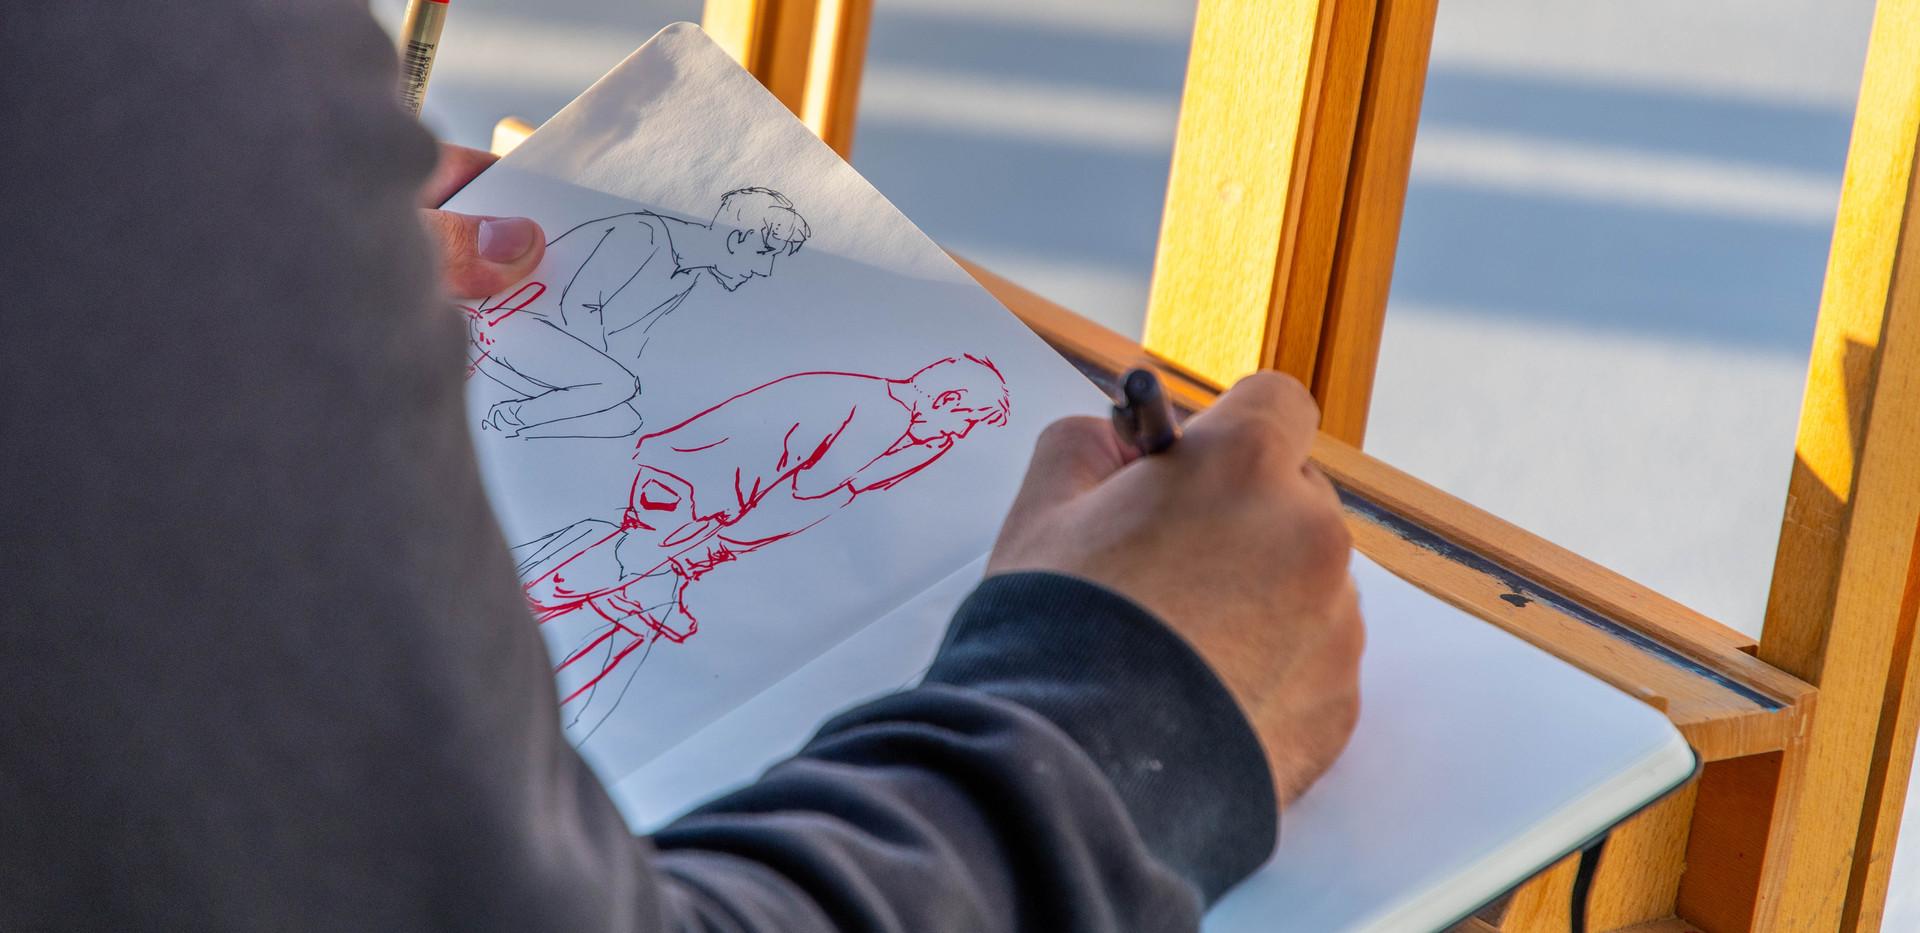 moah-live-figure-drawing_11-22-2020-10.j